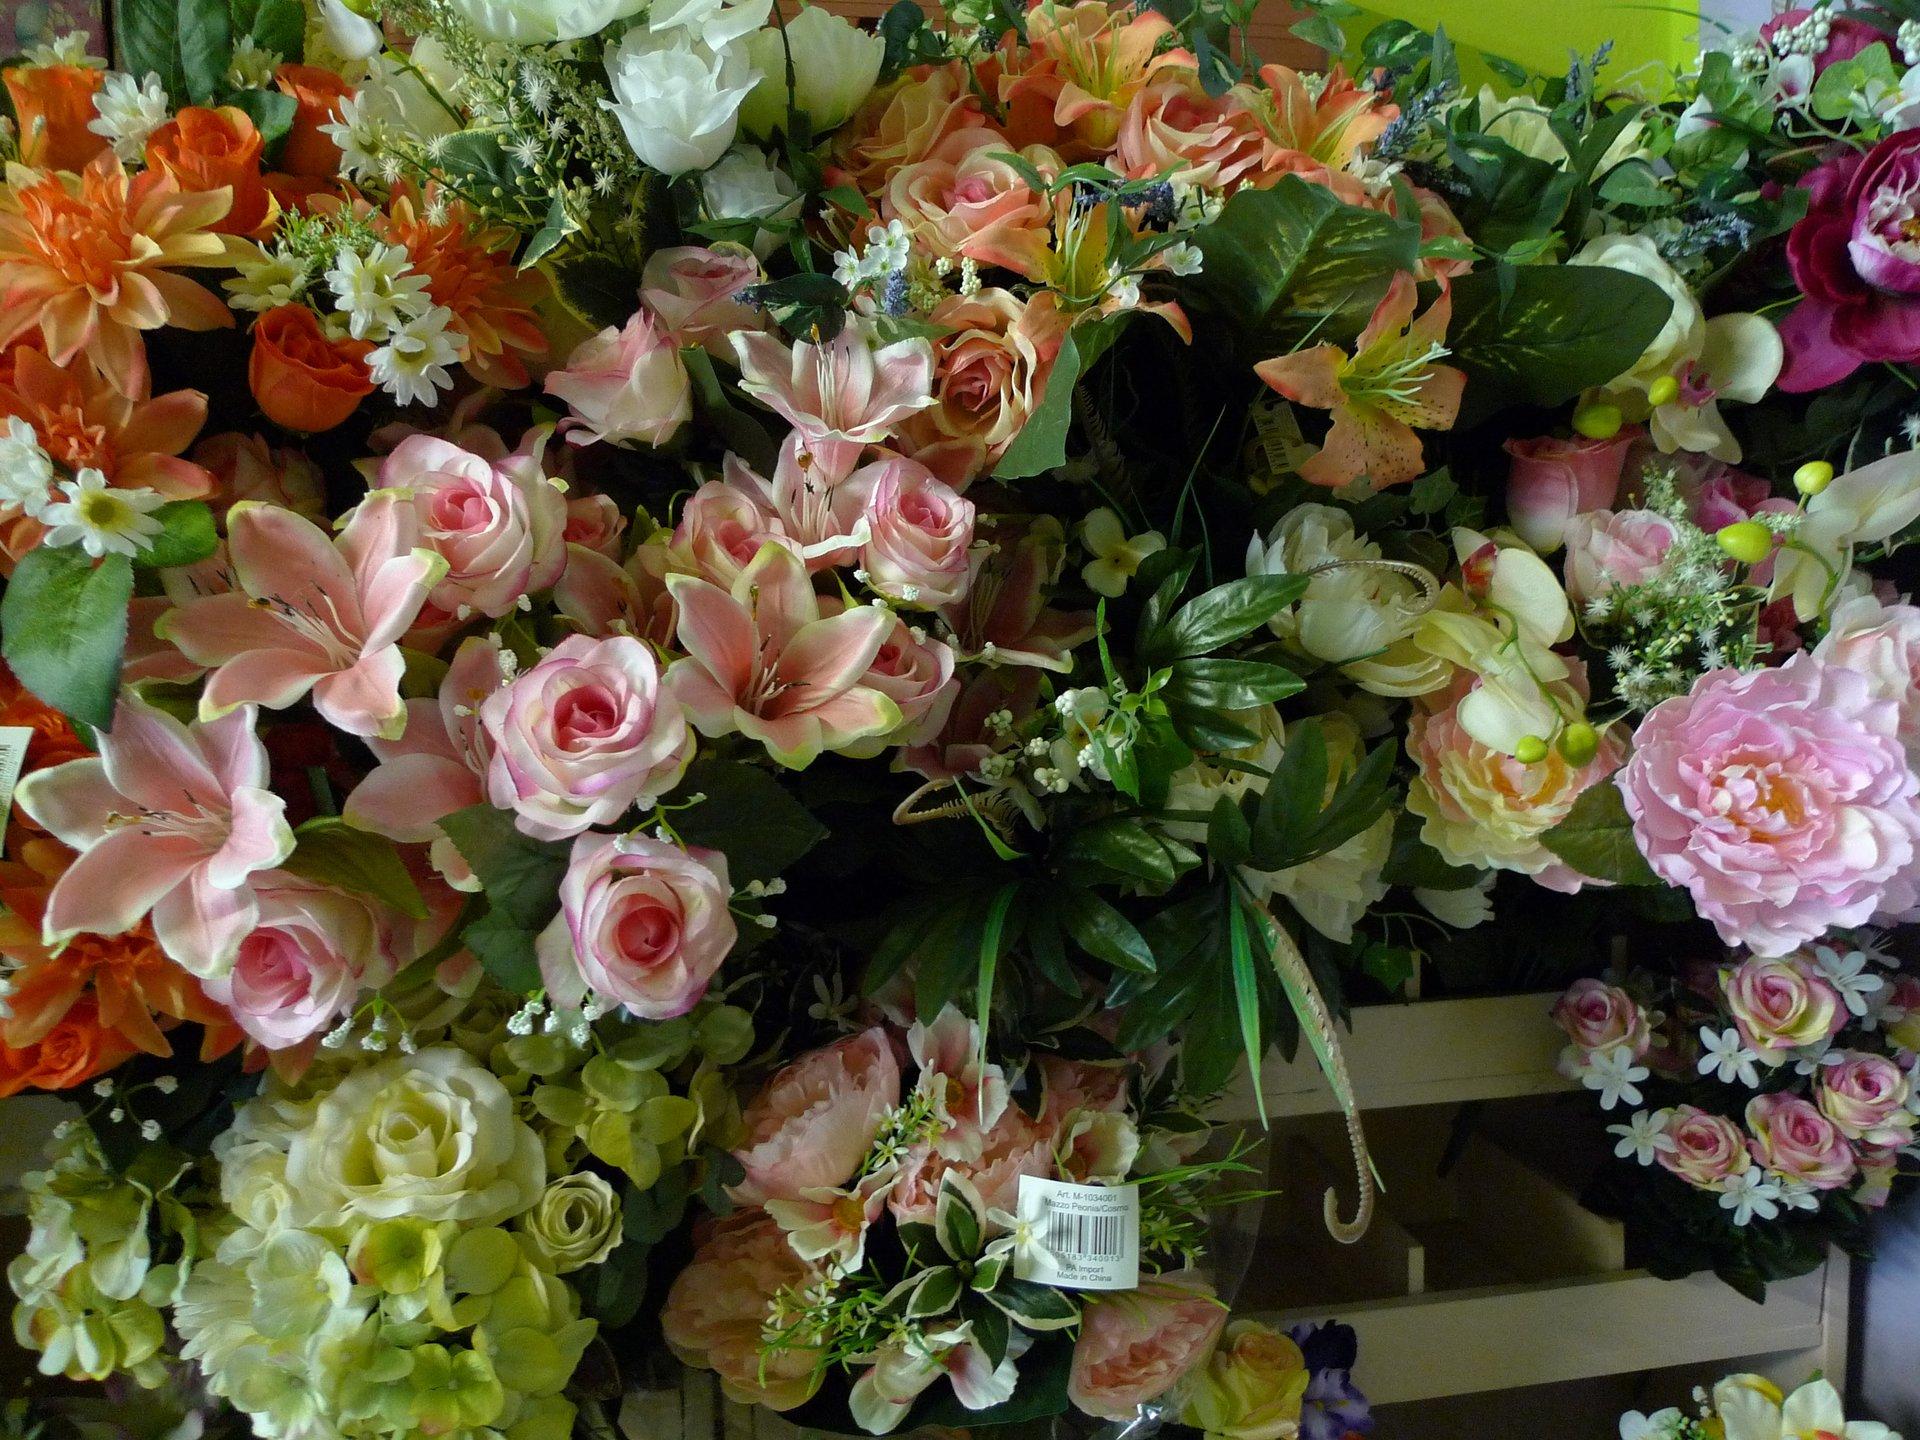 Vendita piante e fiori casorezzo milano arte e fiori for Vendita piante e fiori